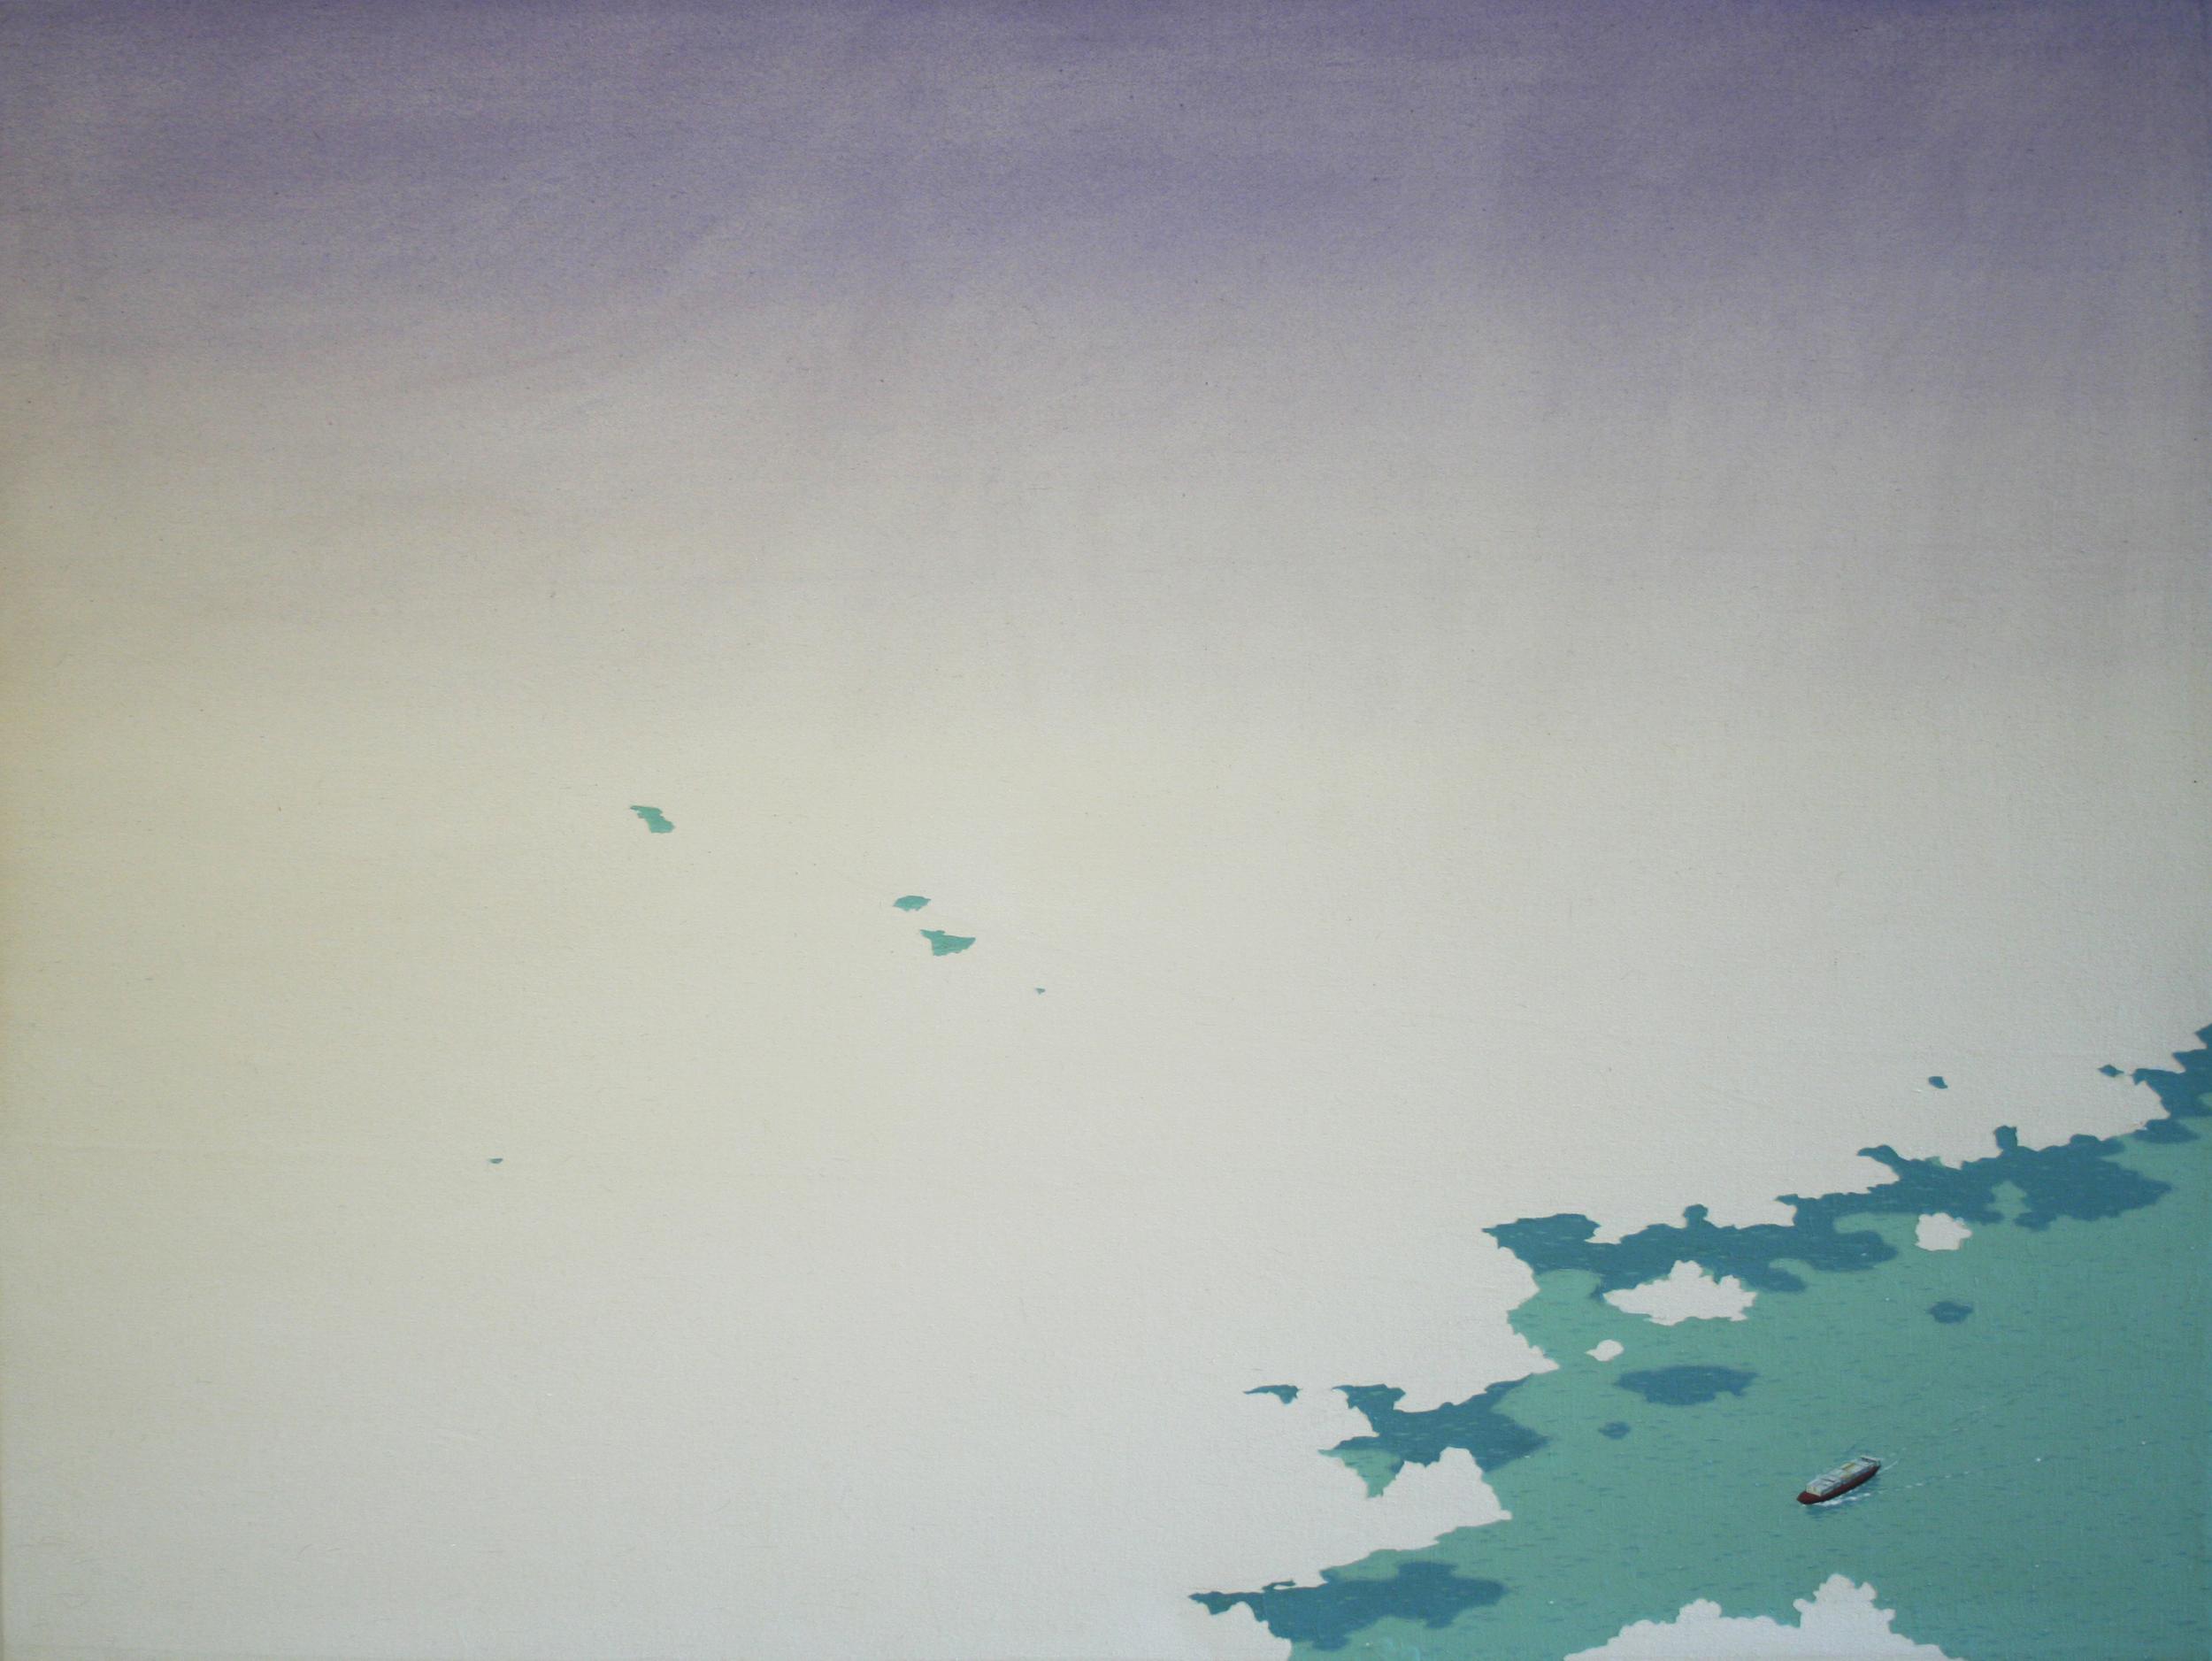 Chris Ballantyne   Cargo Ship  2015 acrylic on canvas 36 x 48 in